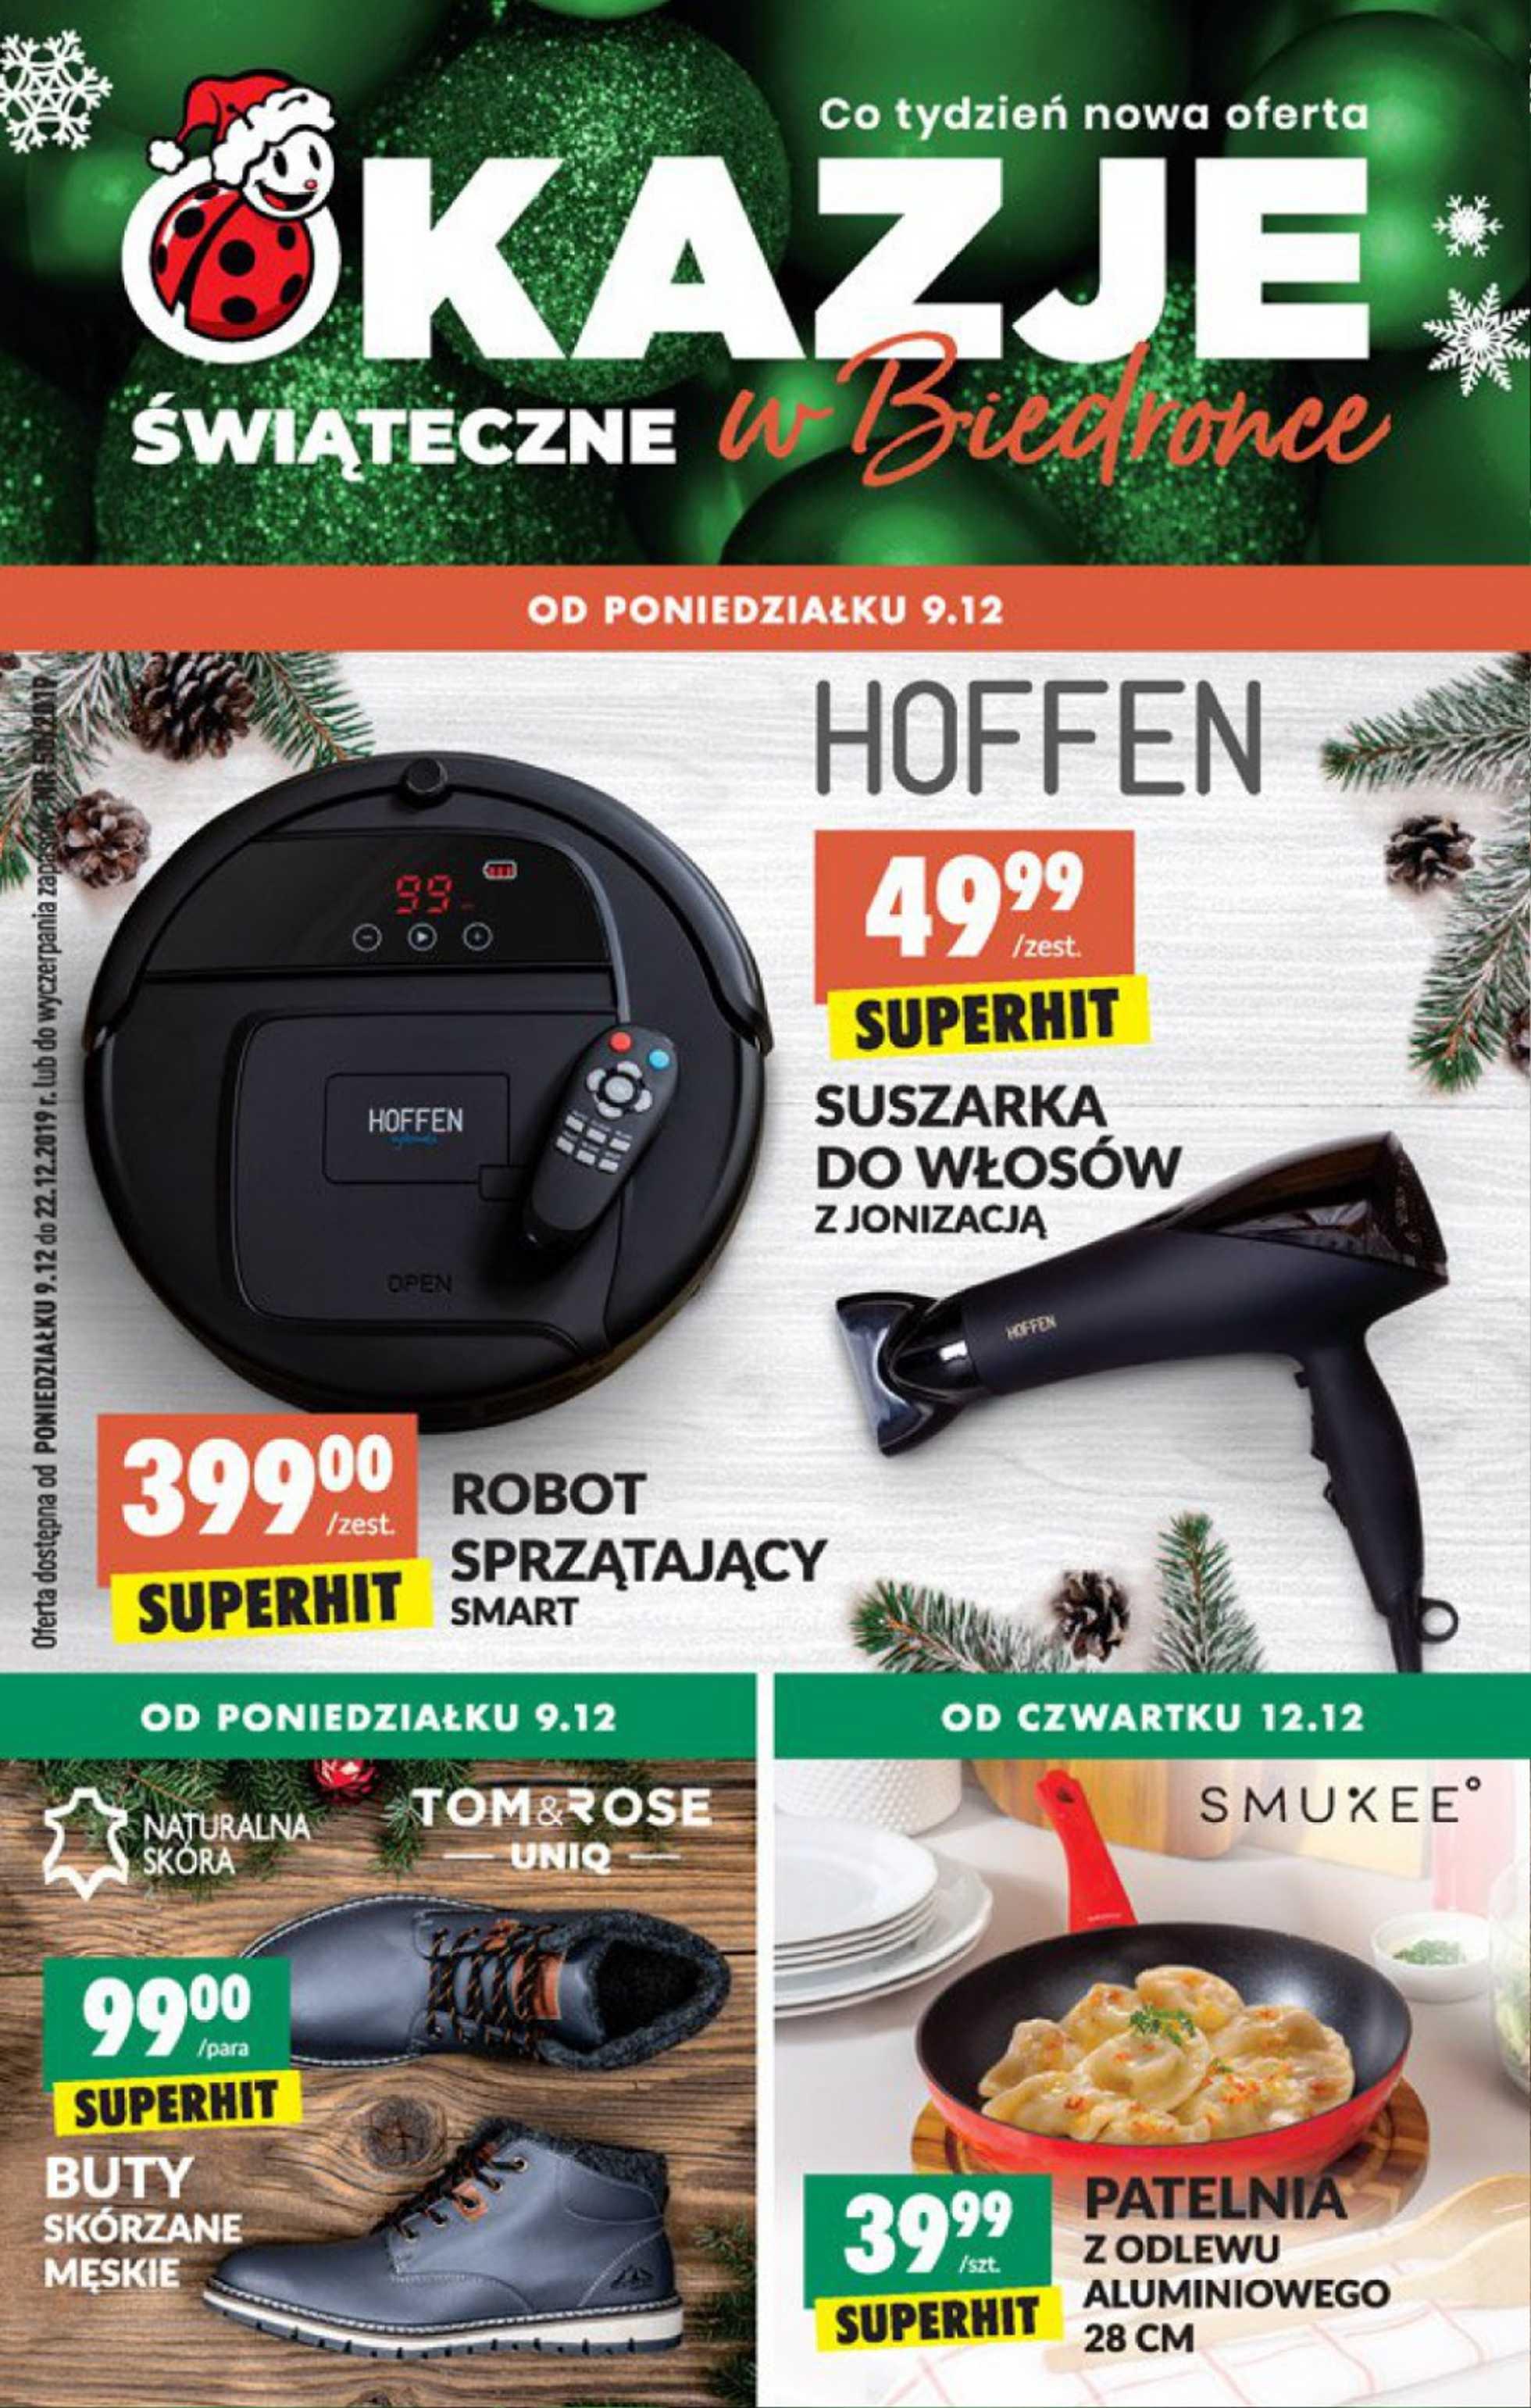 Biedronka - gazetka promocyjna ważna od 09.12.2019 do 22.12.2019 - strona 1.